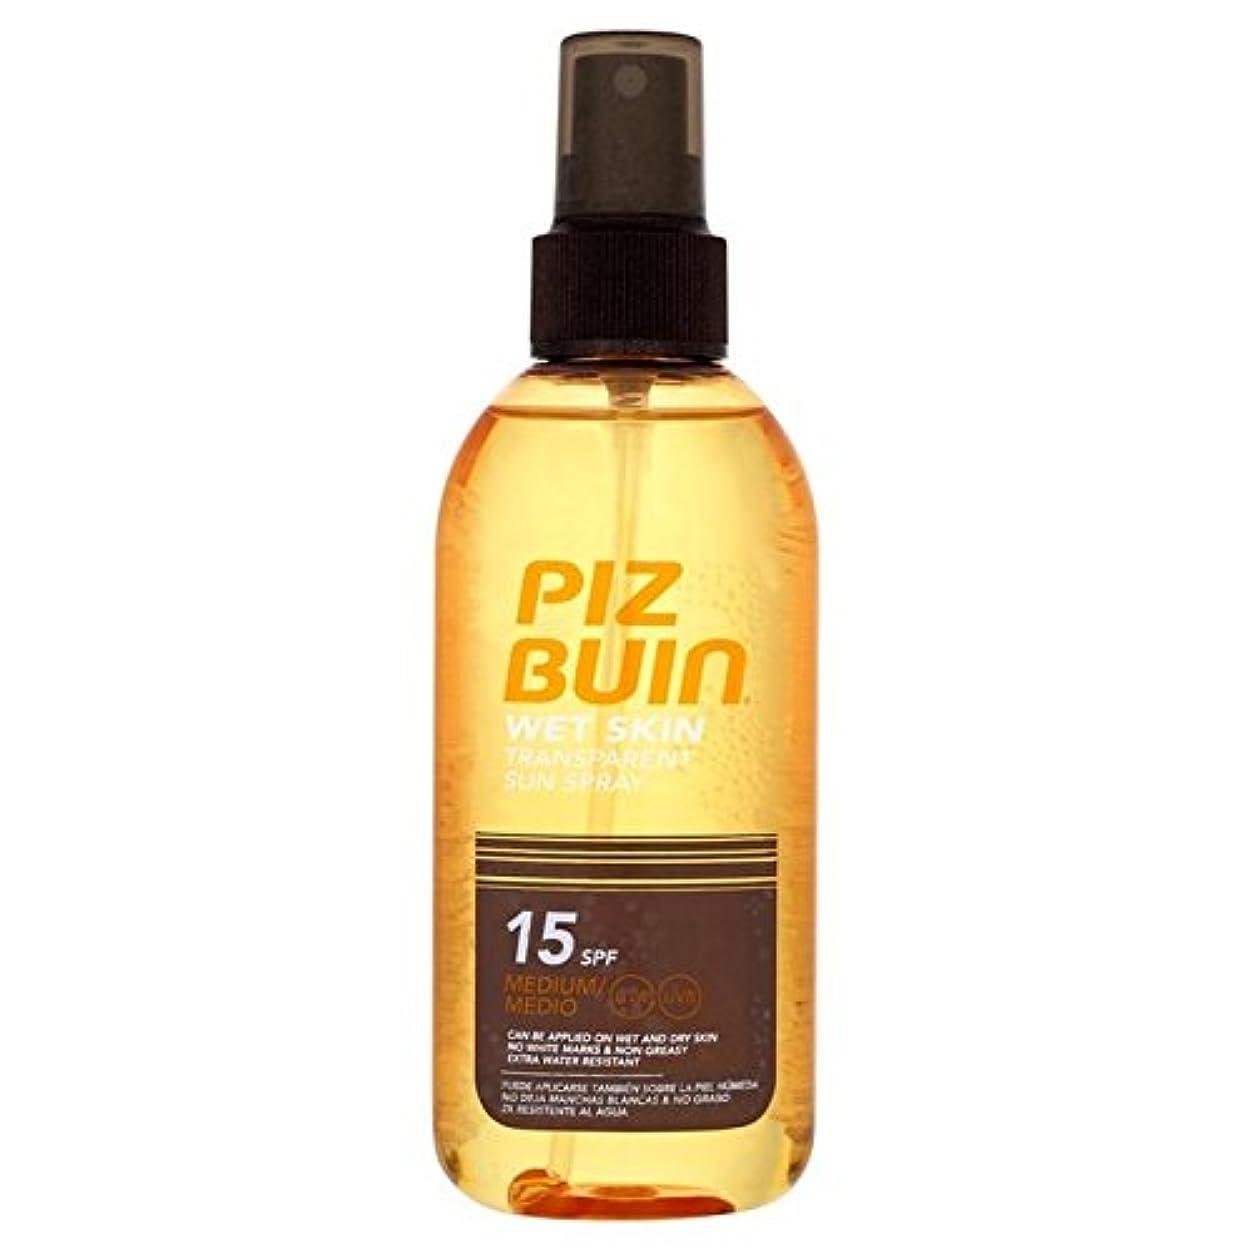 ギャンブル逆潜むピッツブーインの湿った透明肌15の150ミリリットル x4 - Piz Buin Wet Transparent Skin SPF15 150ml (Pack of 4) [並行輸入品]